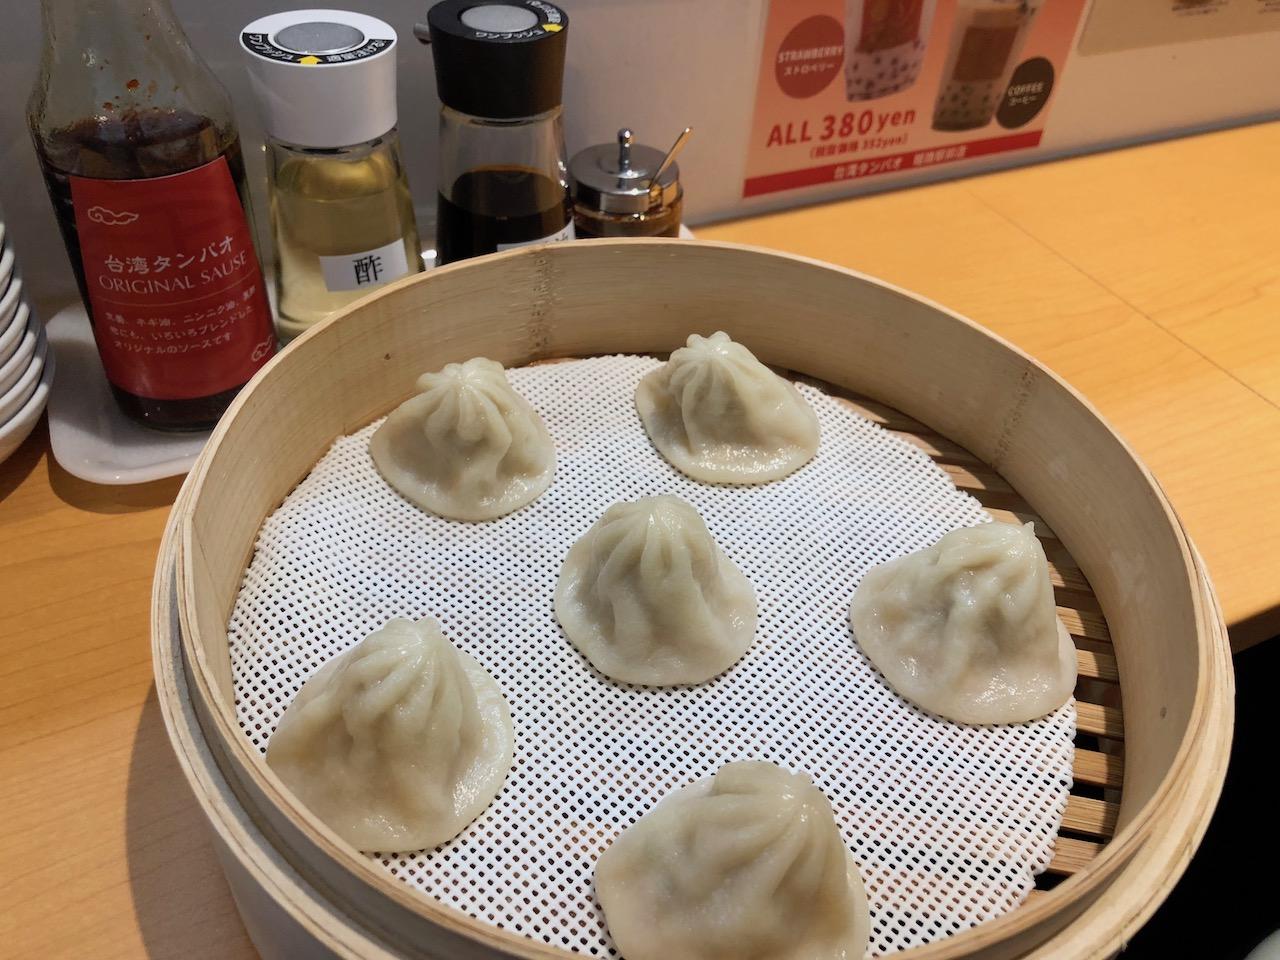 小籠包じゃないよ!小籠湯包専門店「台湾タンパオ」の小籠湯包が最高!スープがじゅんじゅわ〜